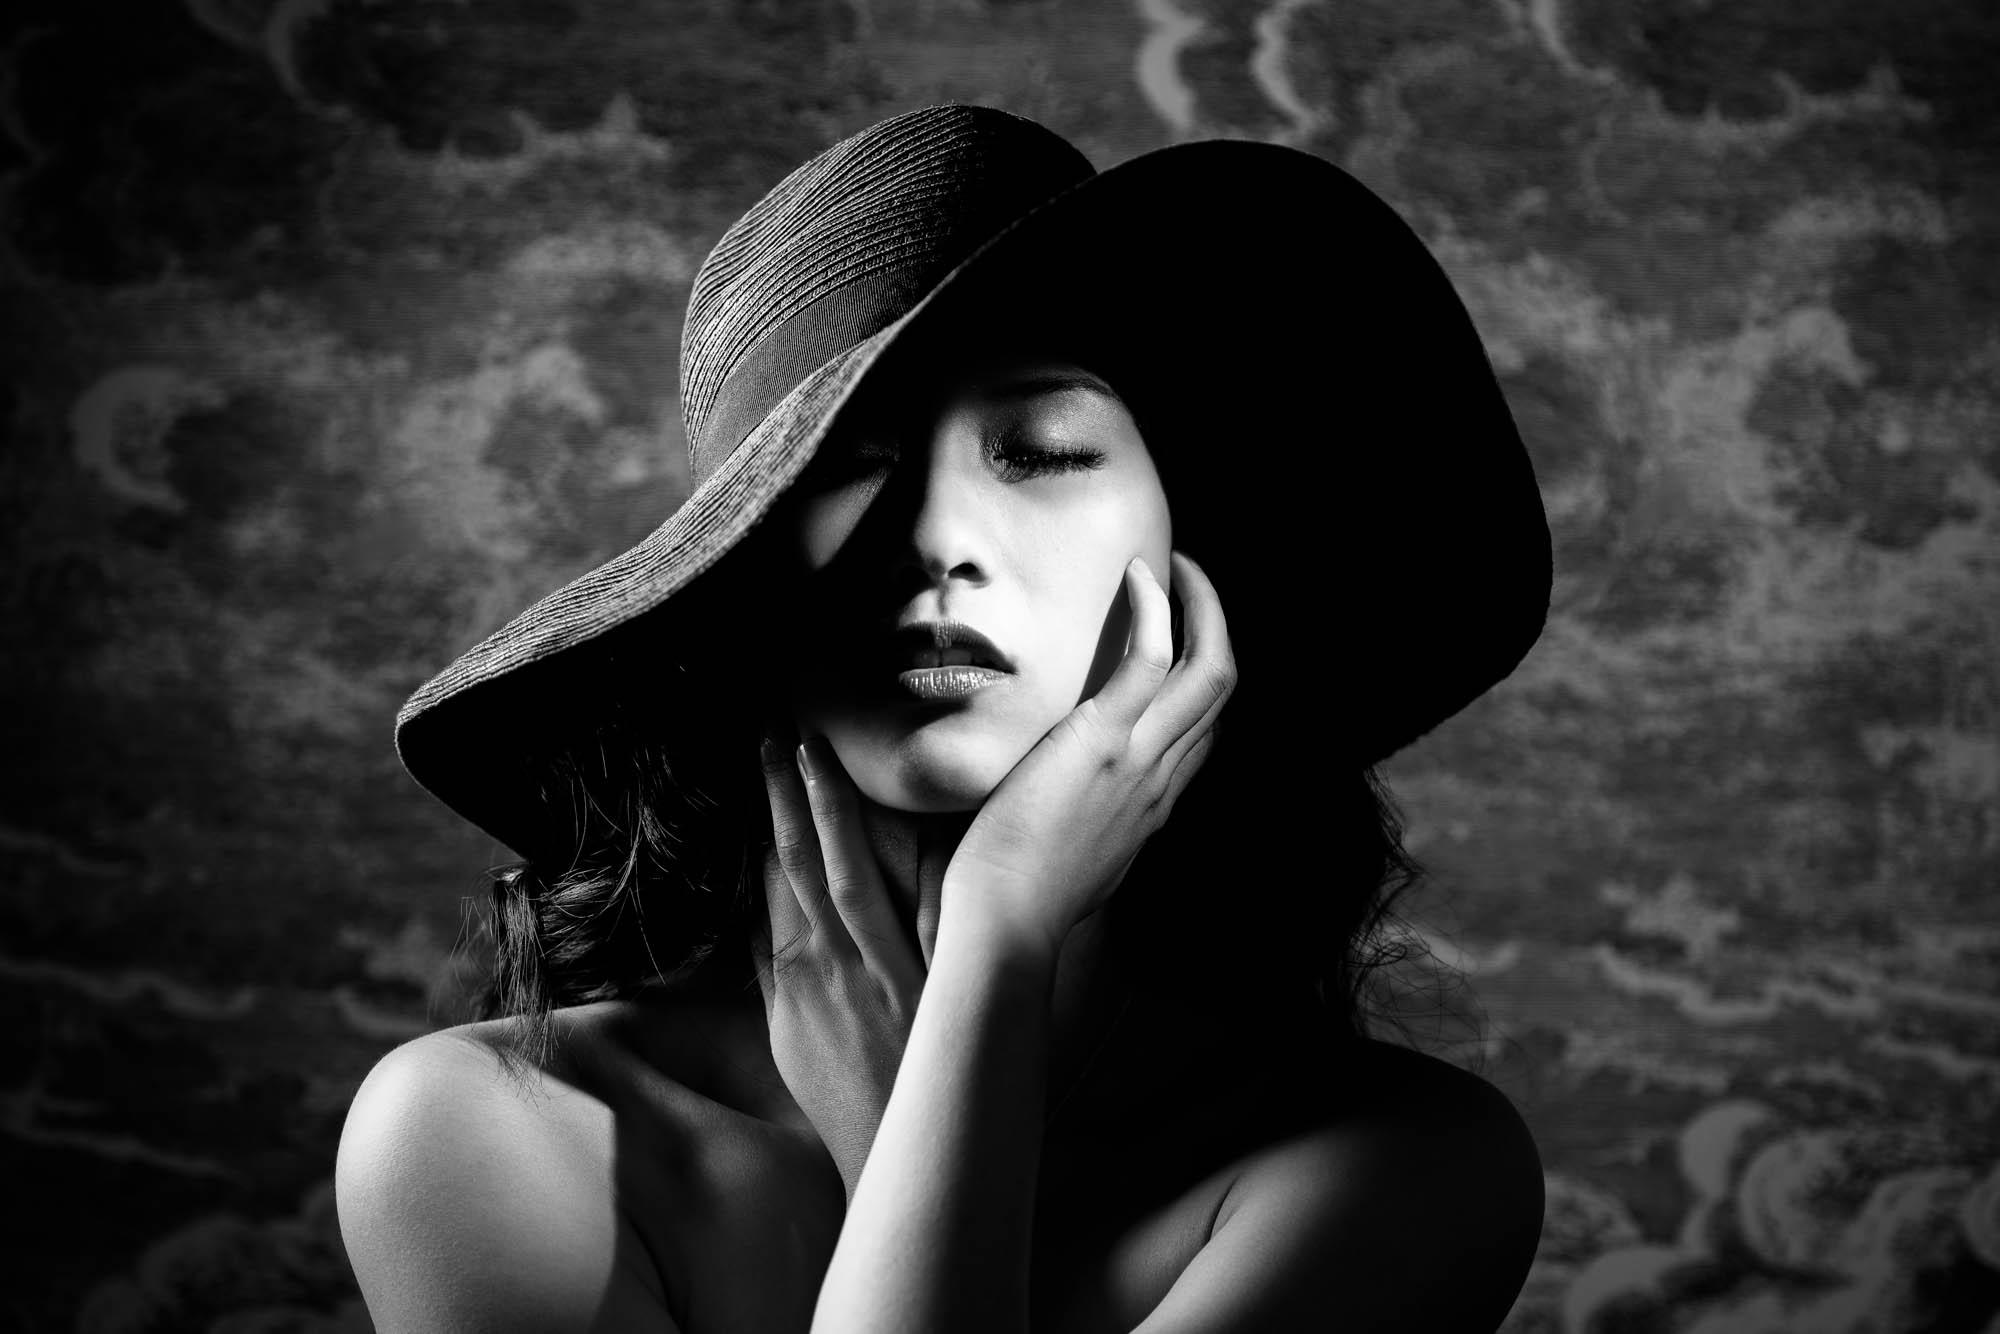 Lex & Josh Fashion B&W Shadows Portrait Shoot-10.jpg